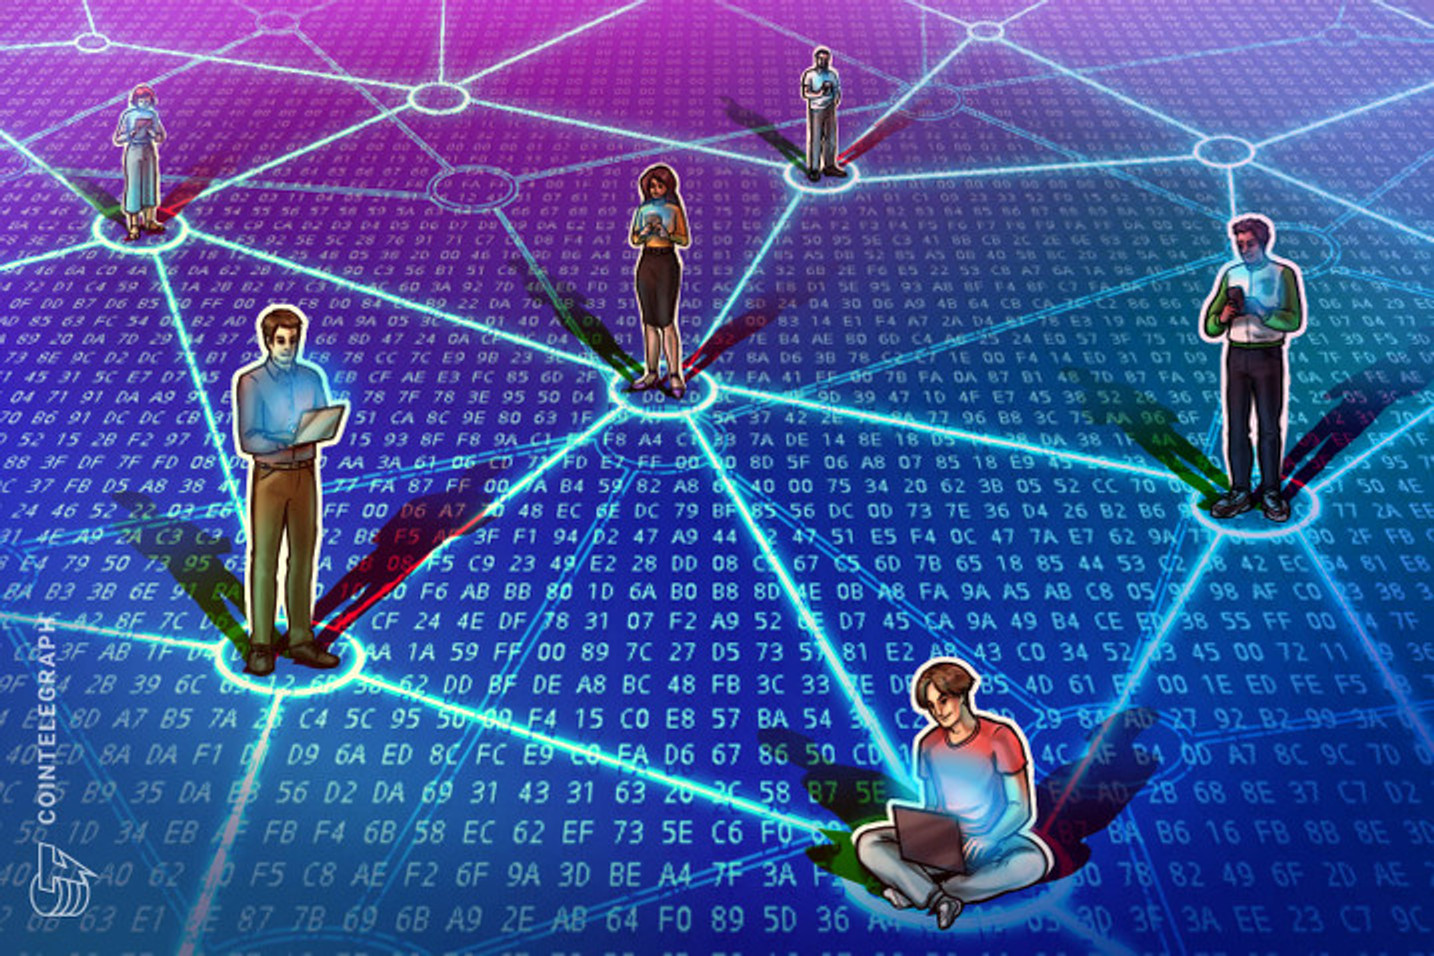 Pesquisa detecta 47 milhões de golpes de phishing só em 2020